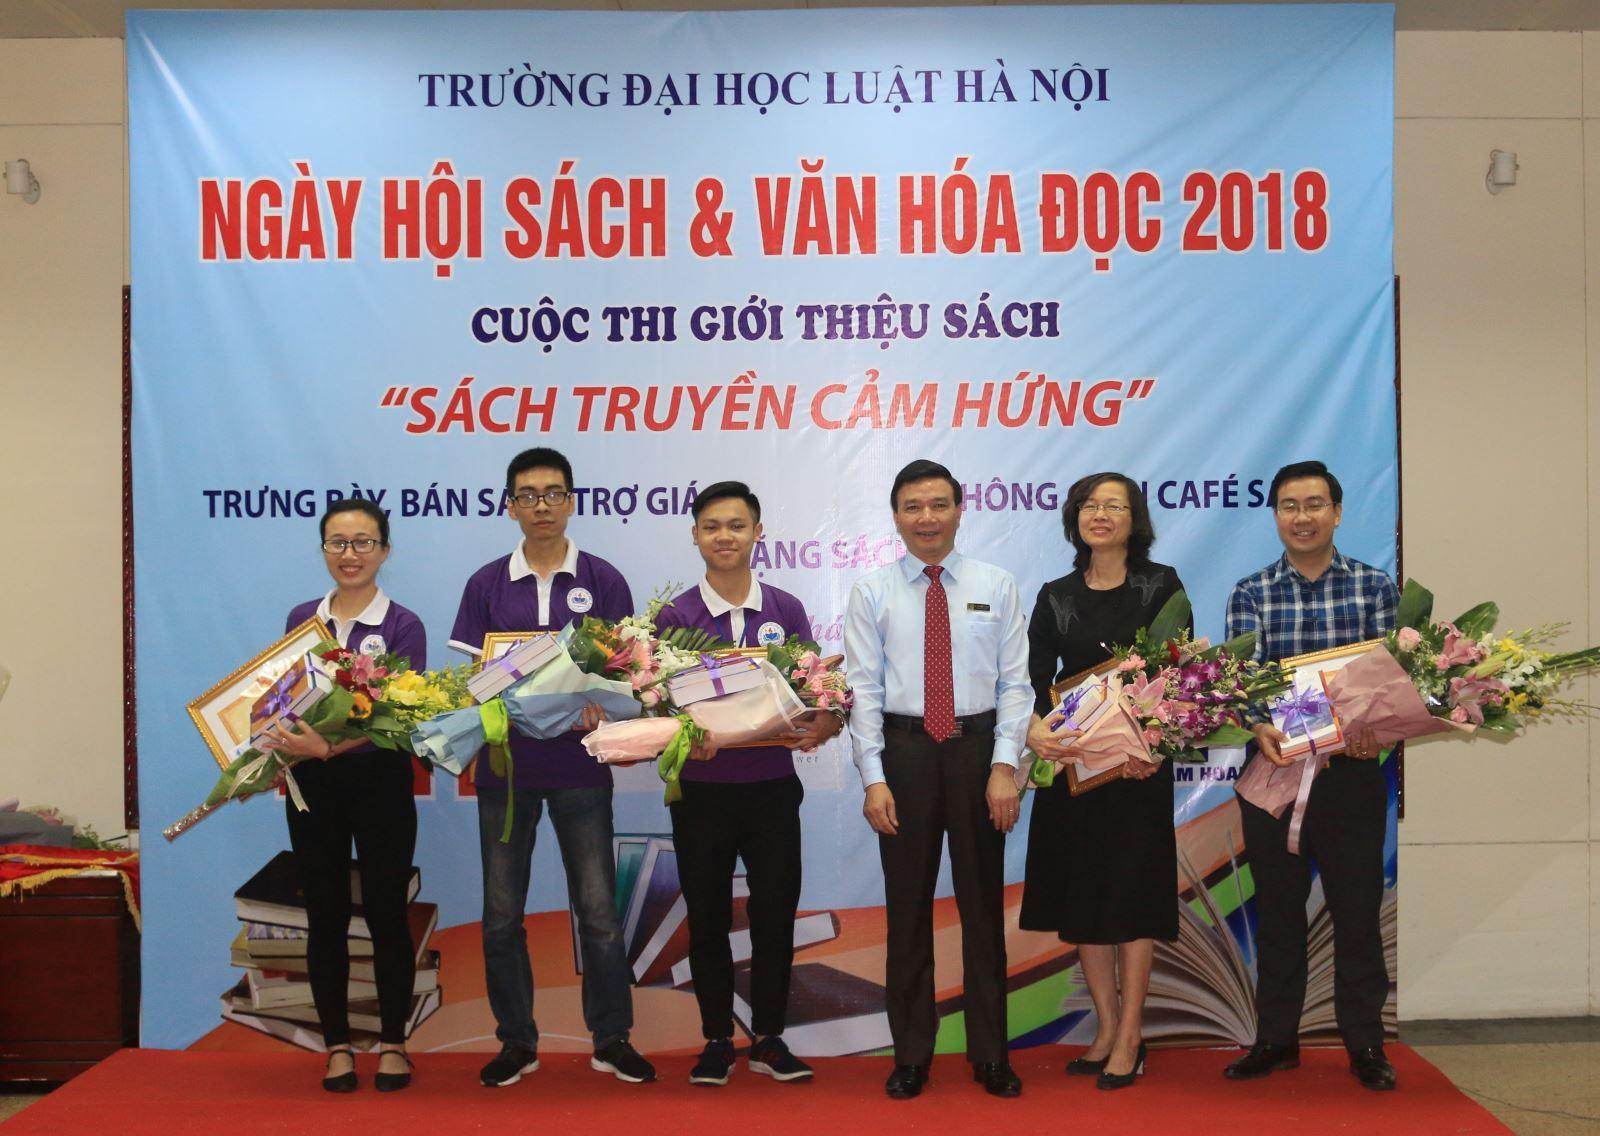 Ngày hội sách & văn hóa đọc 2018